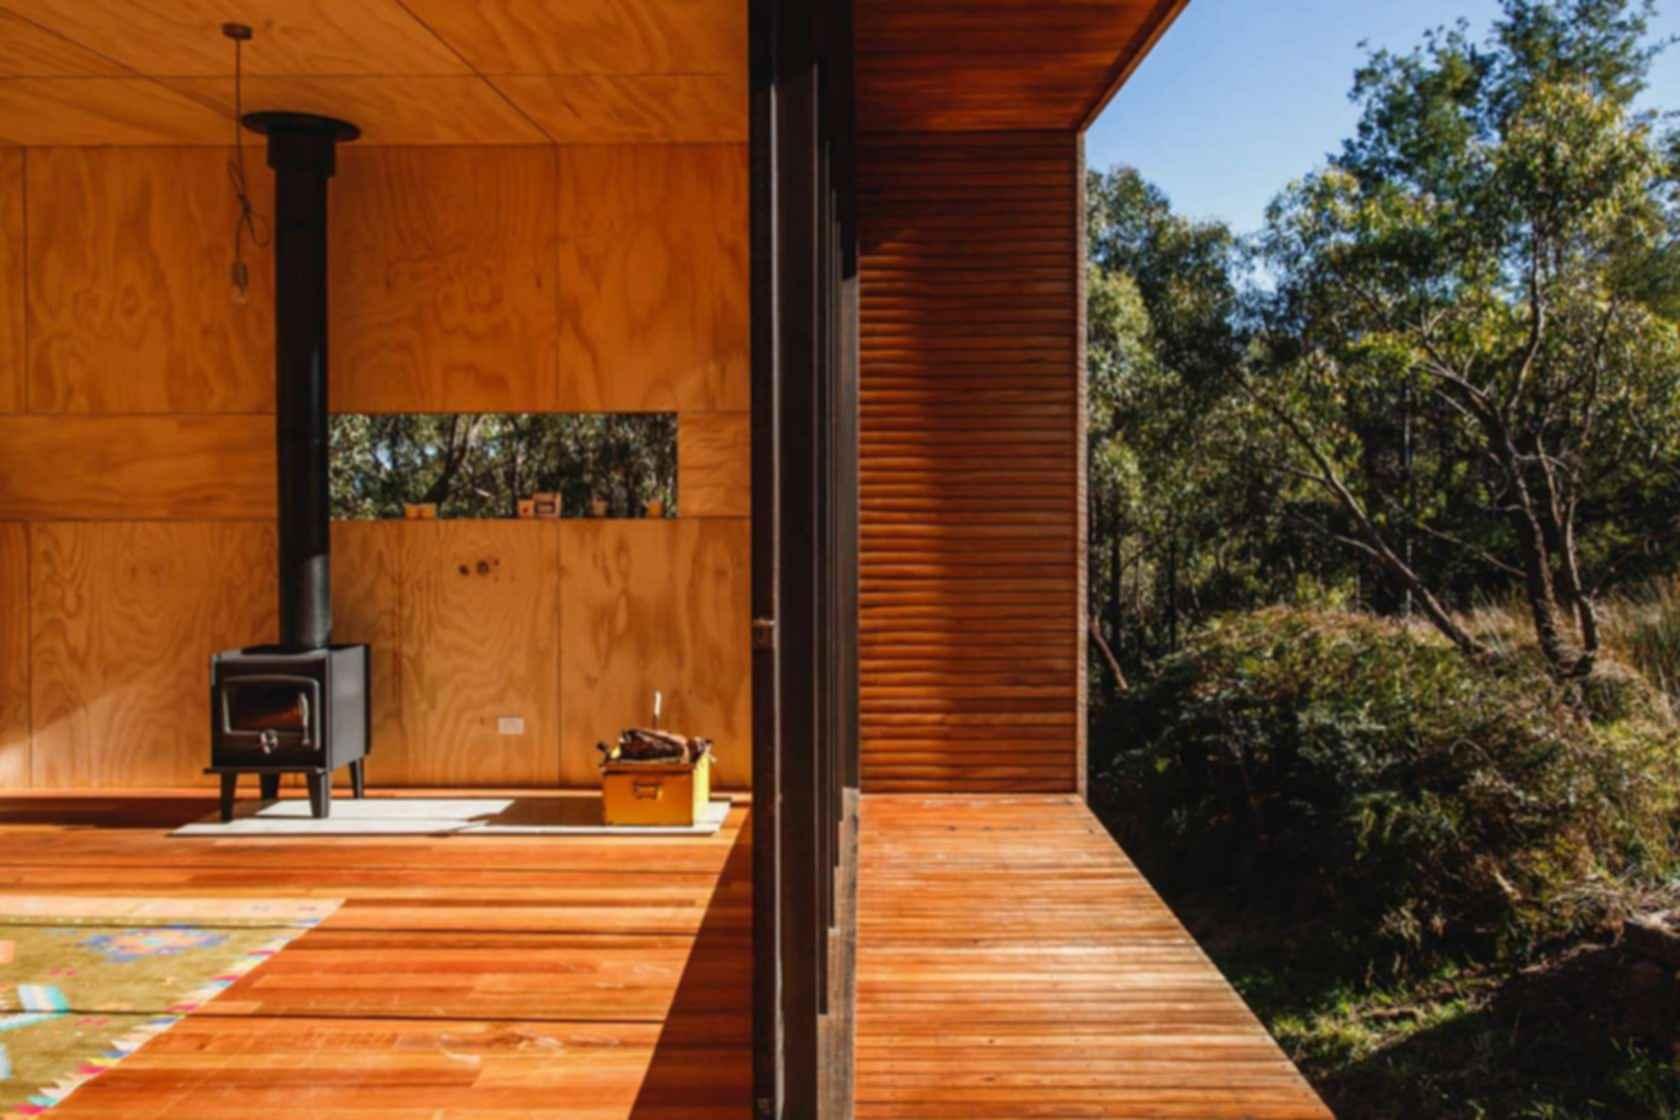 The Pump House - Interior/Exterior